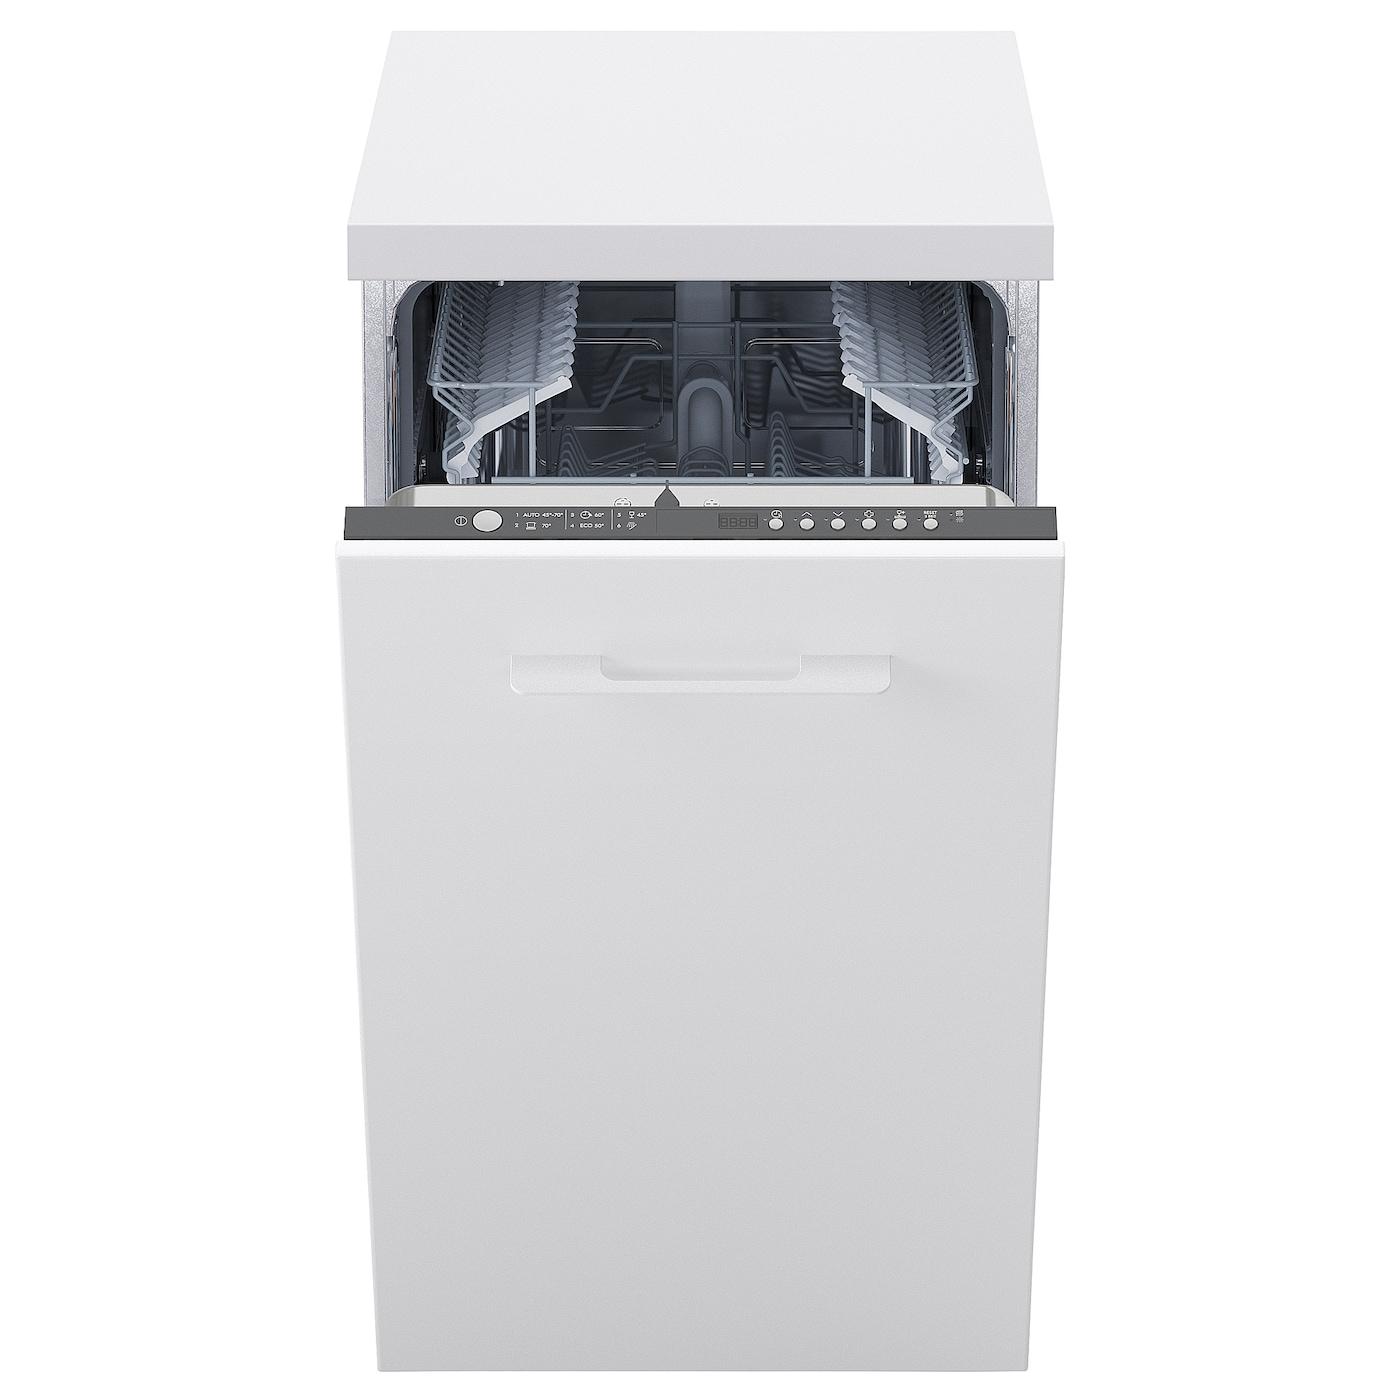 MEDELSTOR | Küche und Esszimmer > Küchenelektrogeräte > Spülmaschinen | IKEA